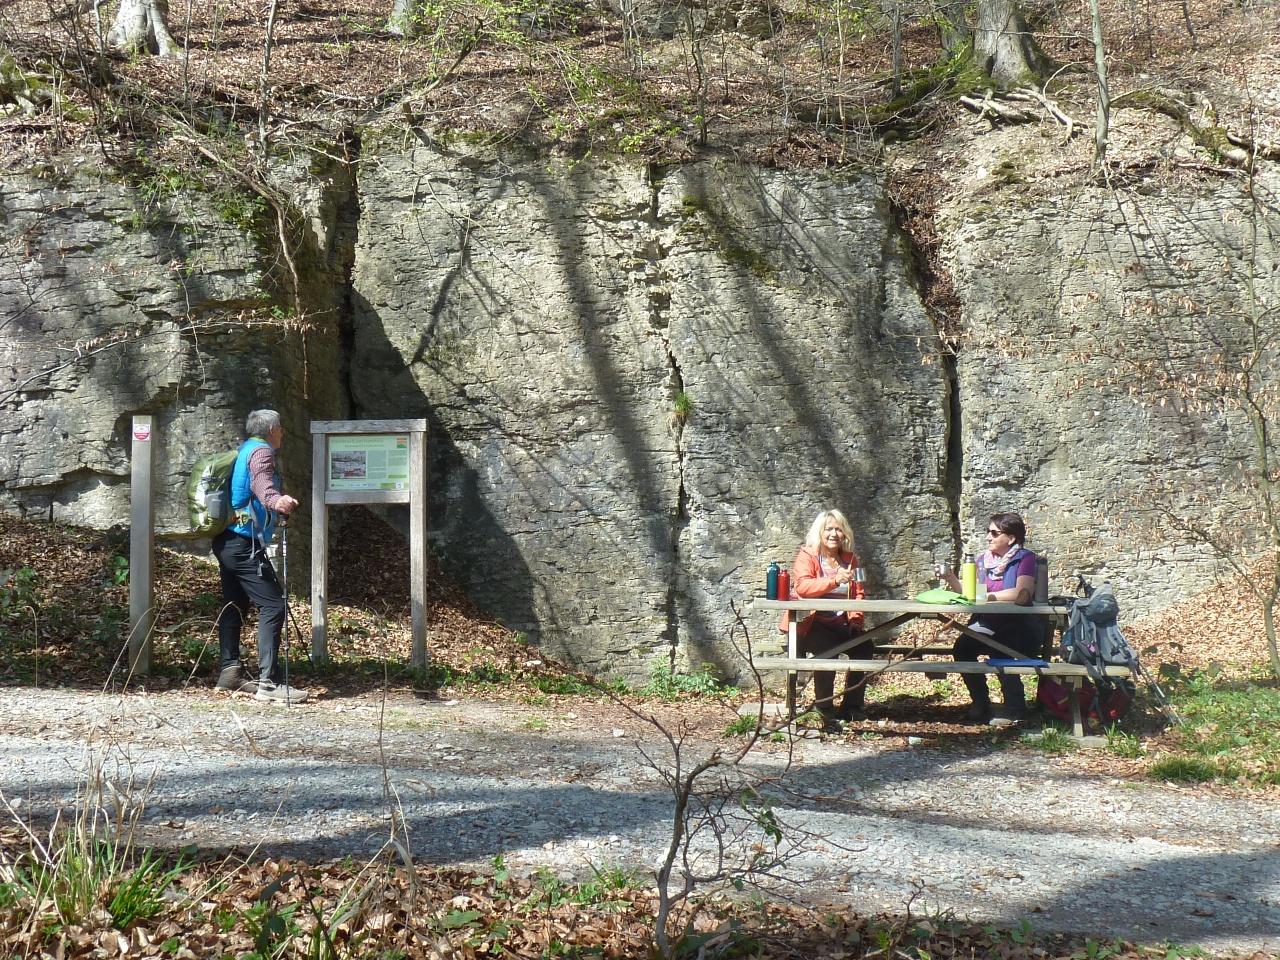 Ehemaliger Steinbruch am Hanstein mit Picknickgruppe